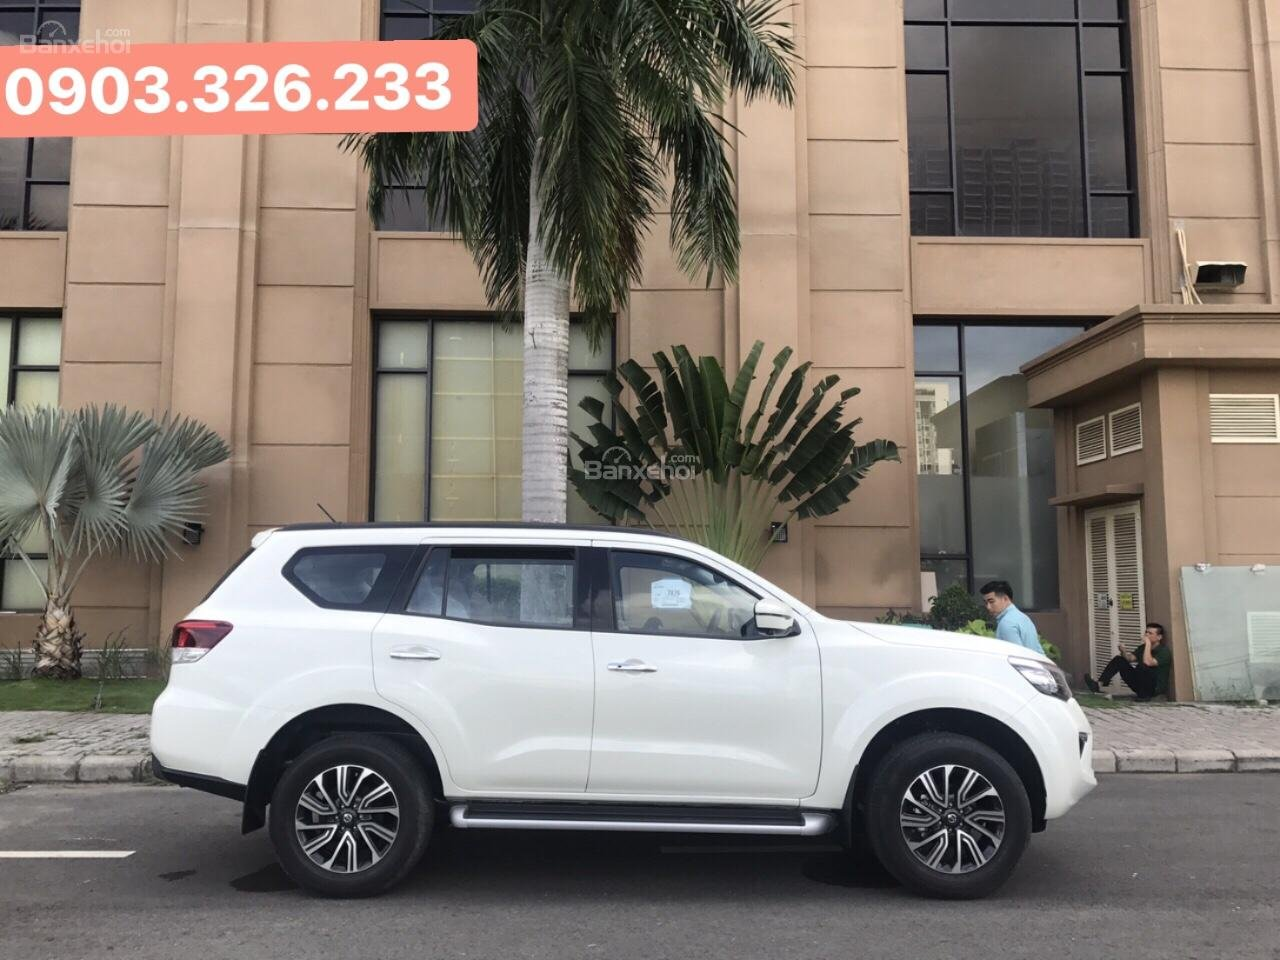 X-Terra 2019 dòng xe nhập khẩu từ Thái Lan - hoàn toàn mới - có xe giao ngay - LH ngay Ms Mai để đặt cọc 0903.326.233-5